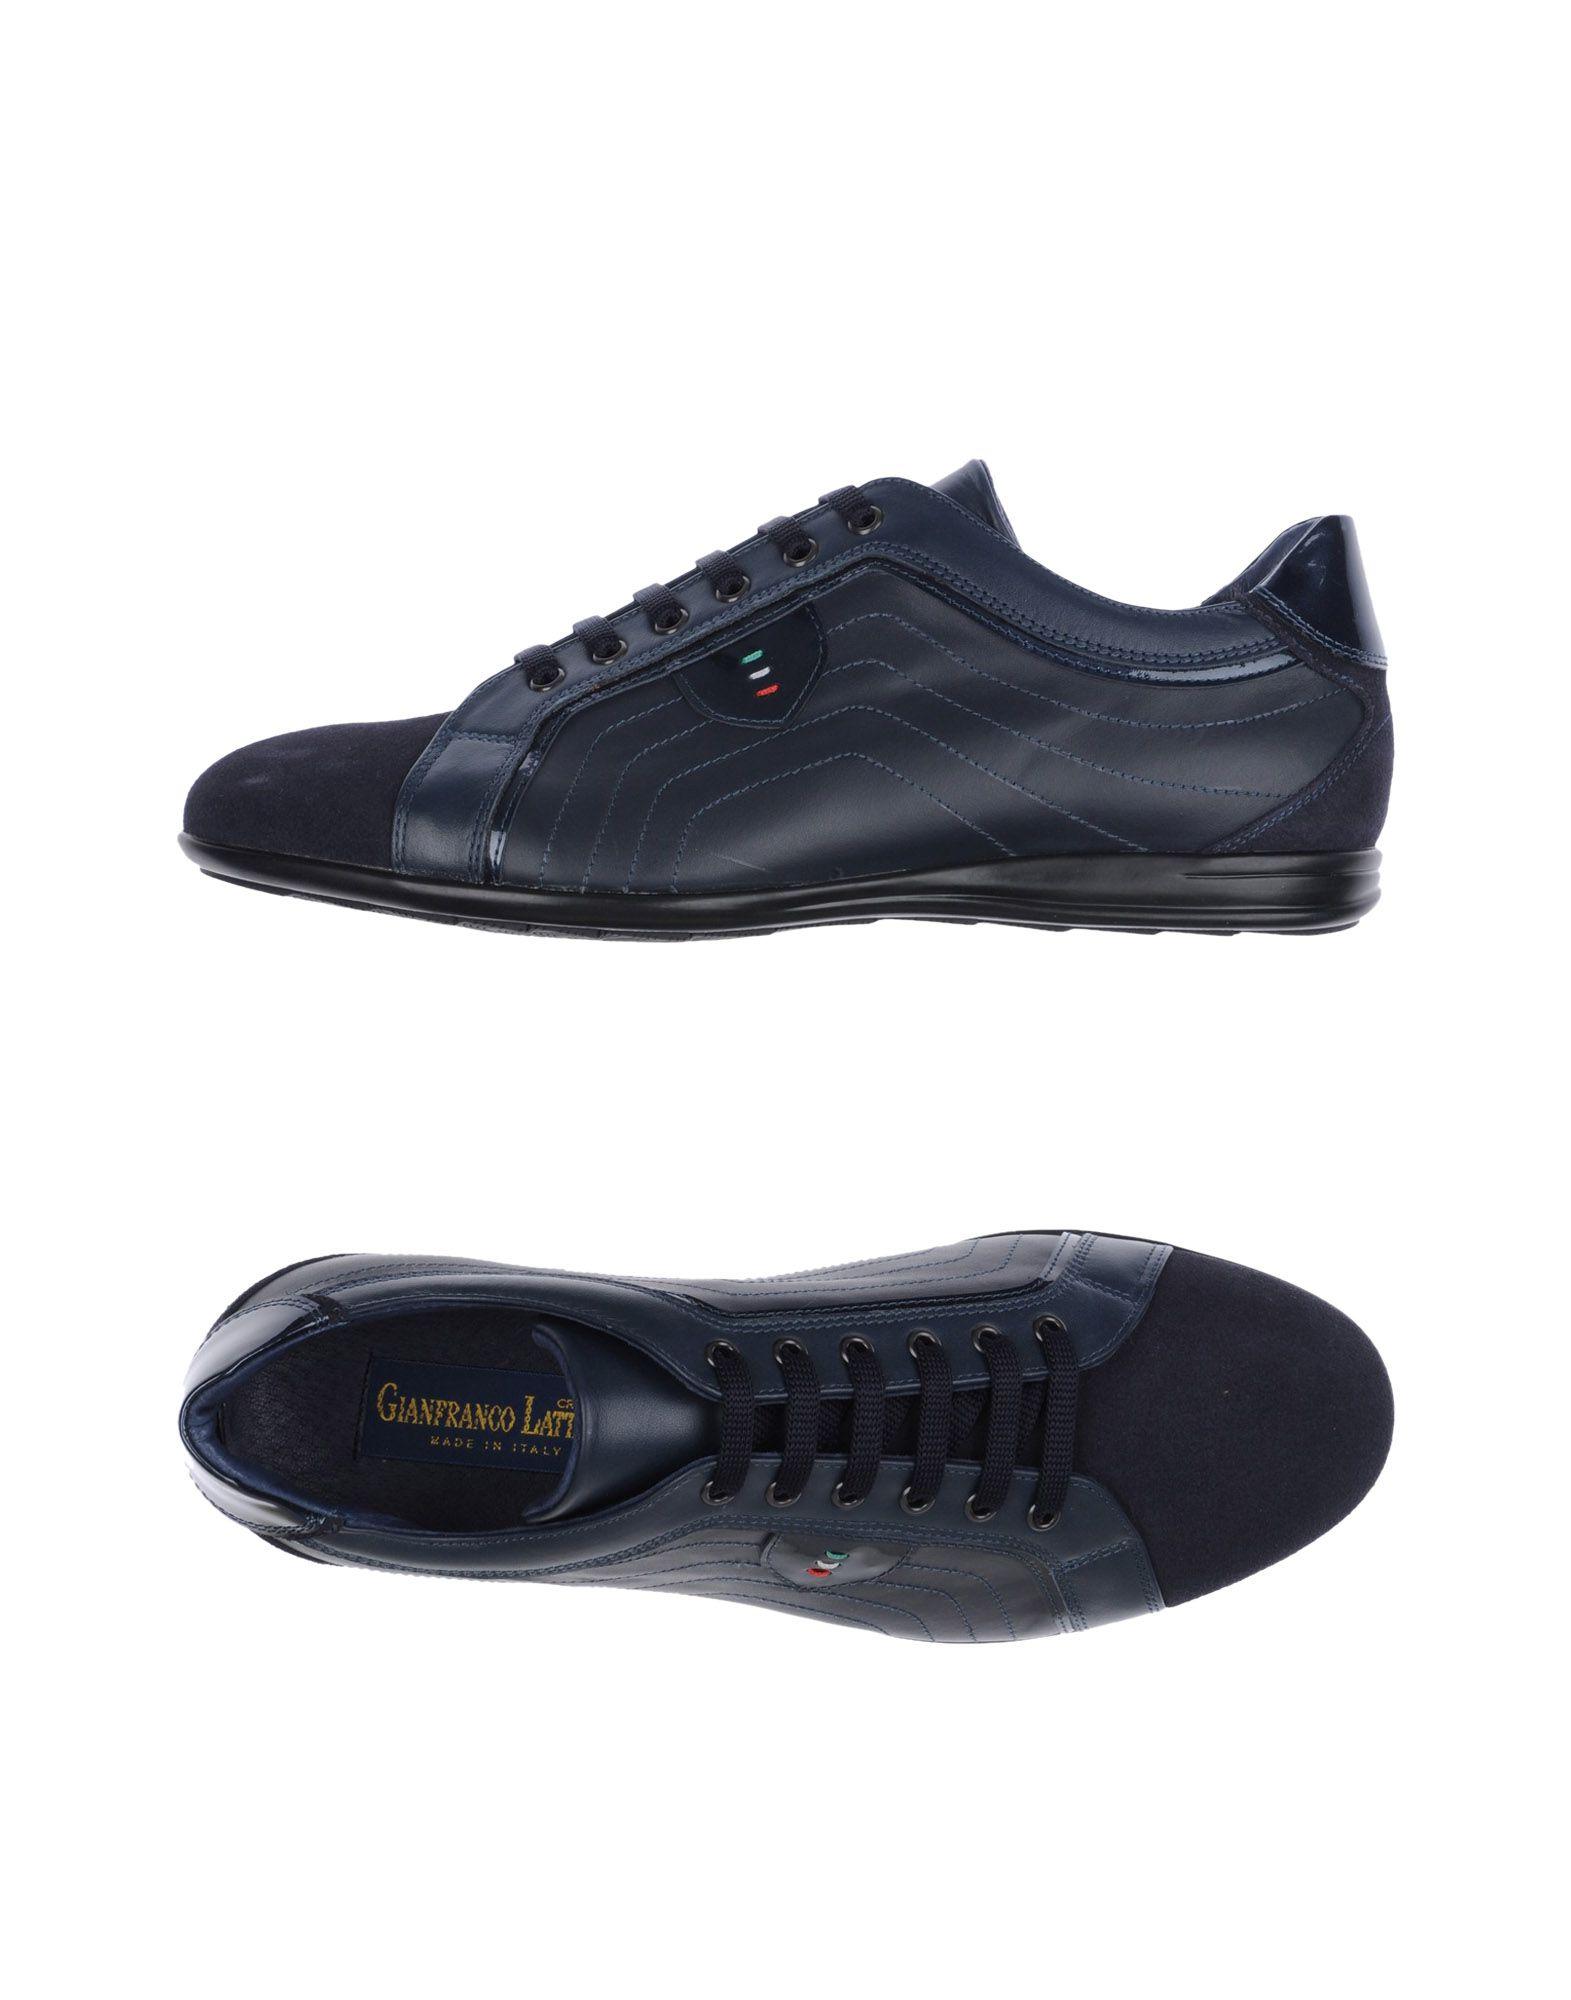 GIANFRANCO LATTANZI Herren Low Sneakers & Tennisschuhe Farbe Dunkelblau Größe 9